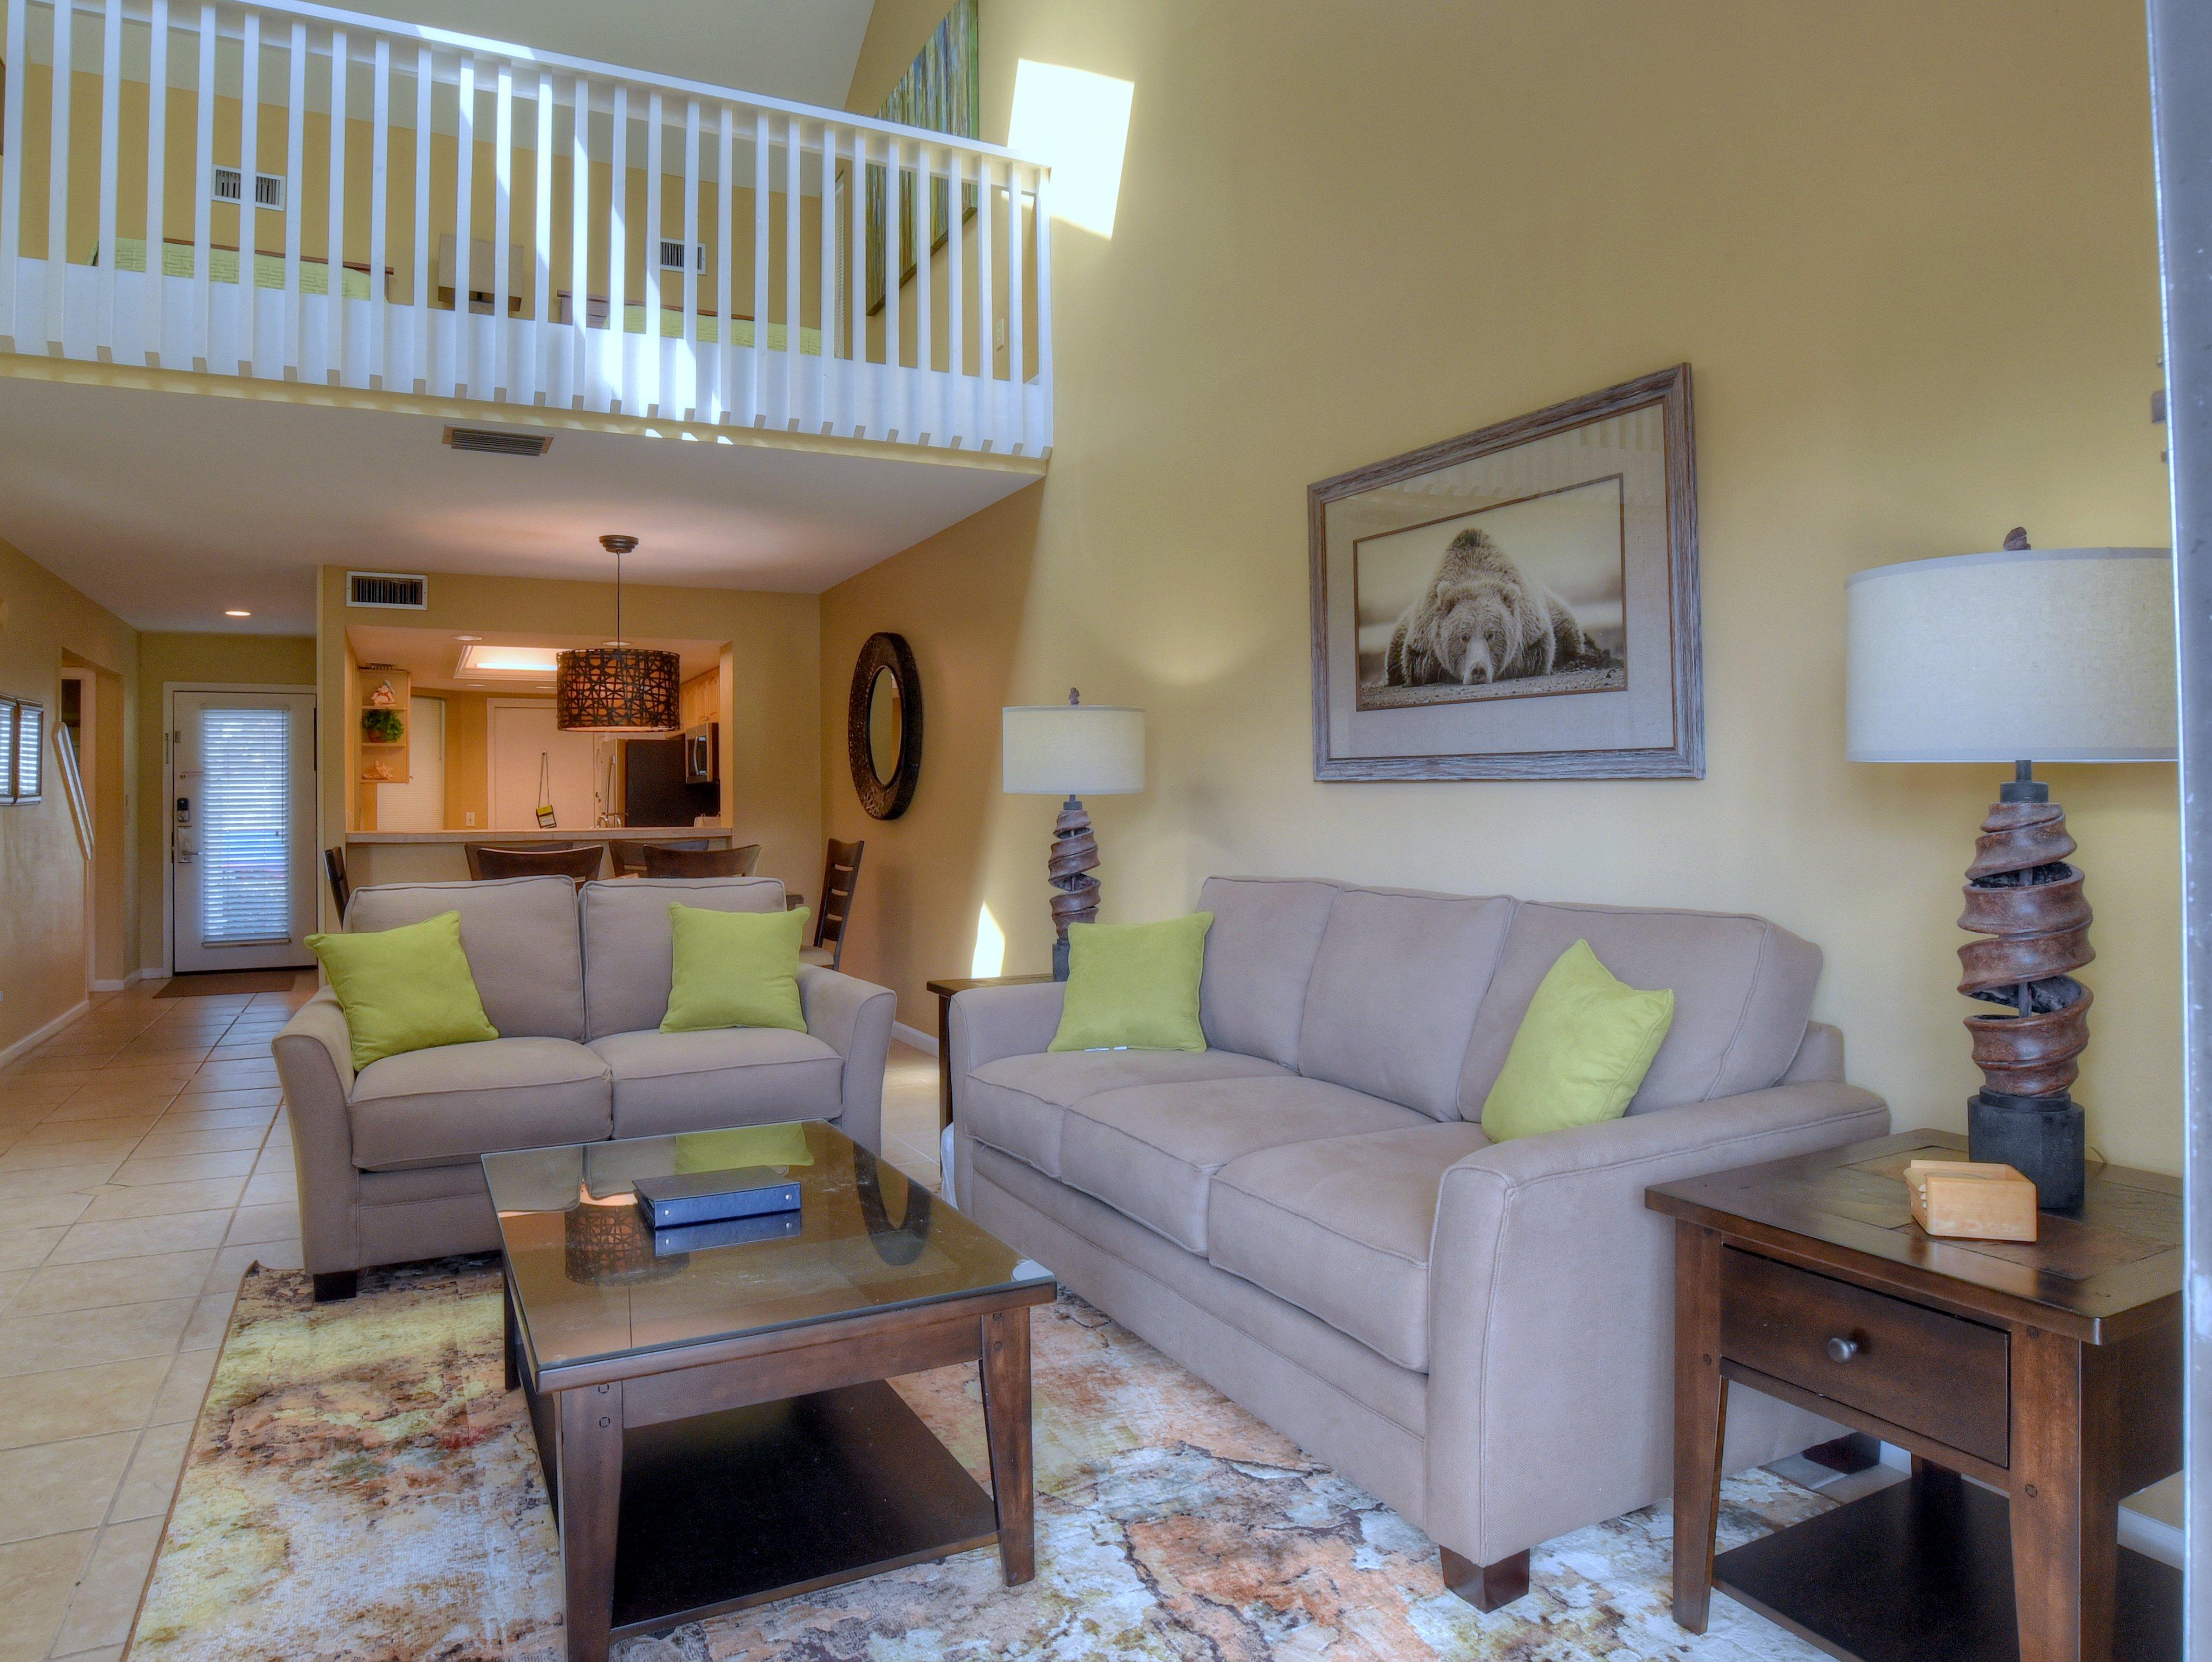 285 Fairways Condo rental in Sandestin Rentals ~ Cottages and Villas  in Destin Florida - #3